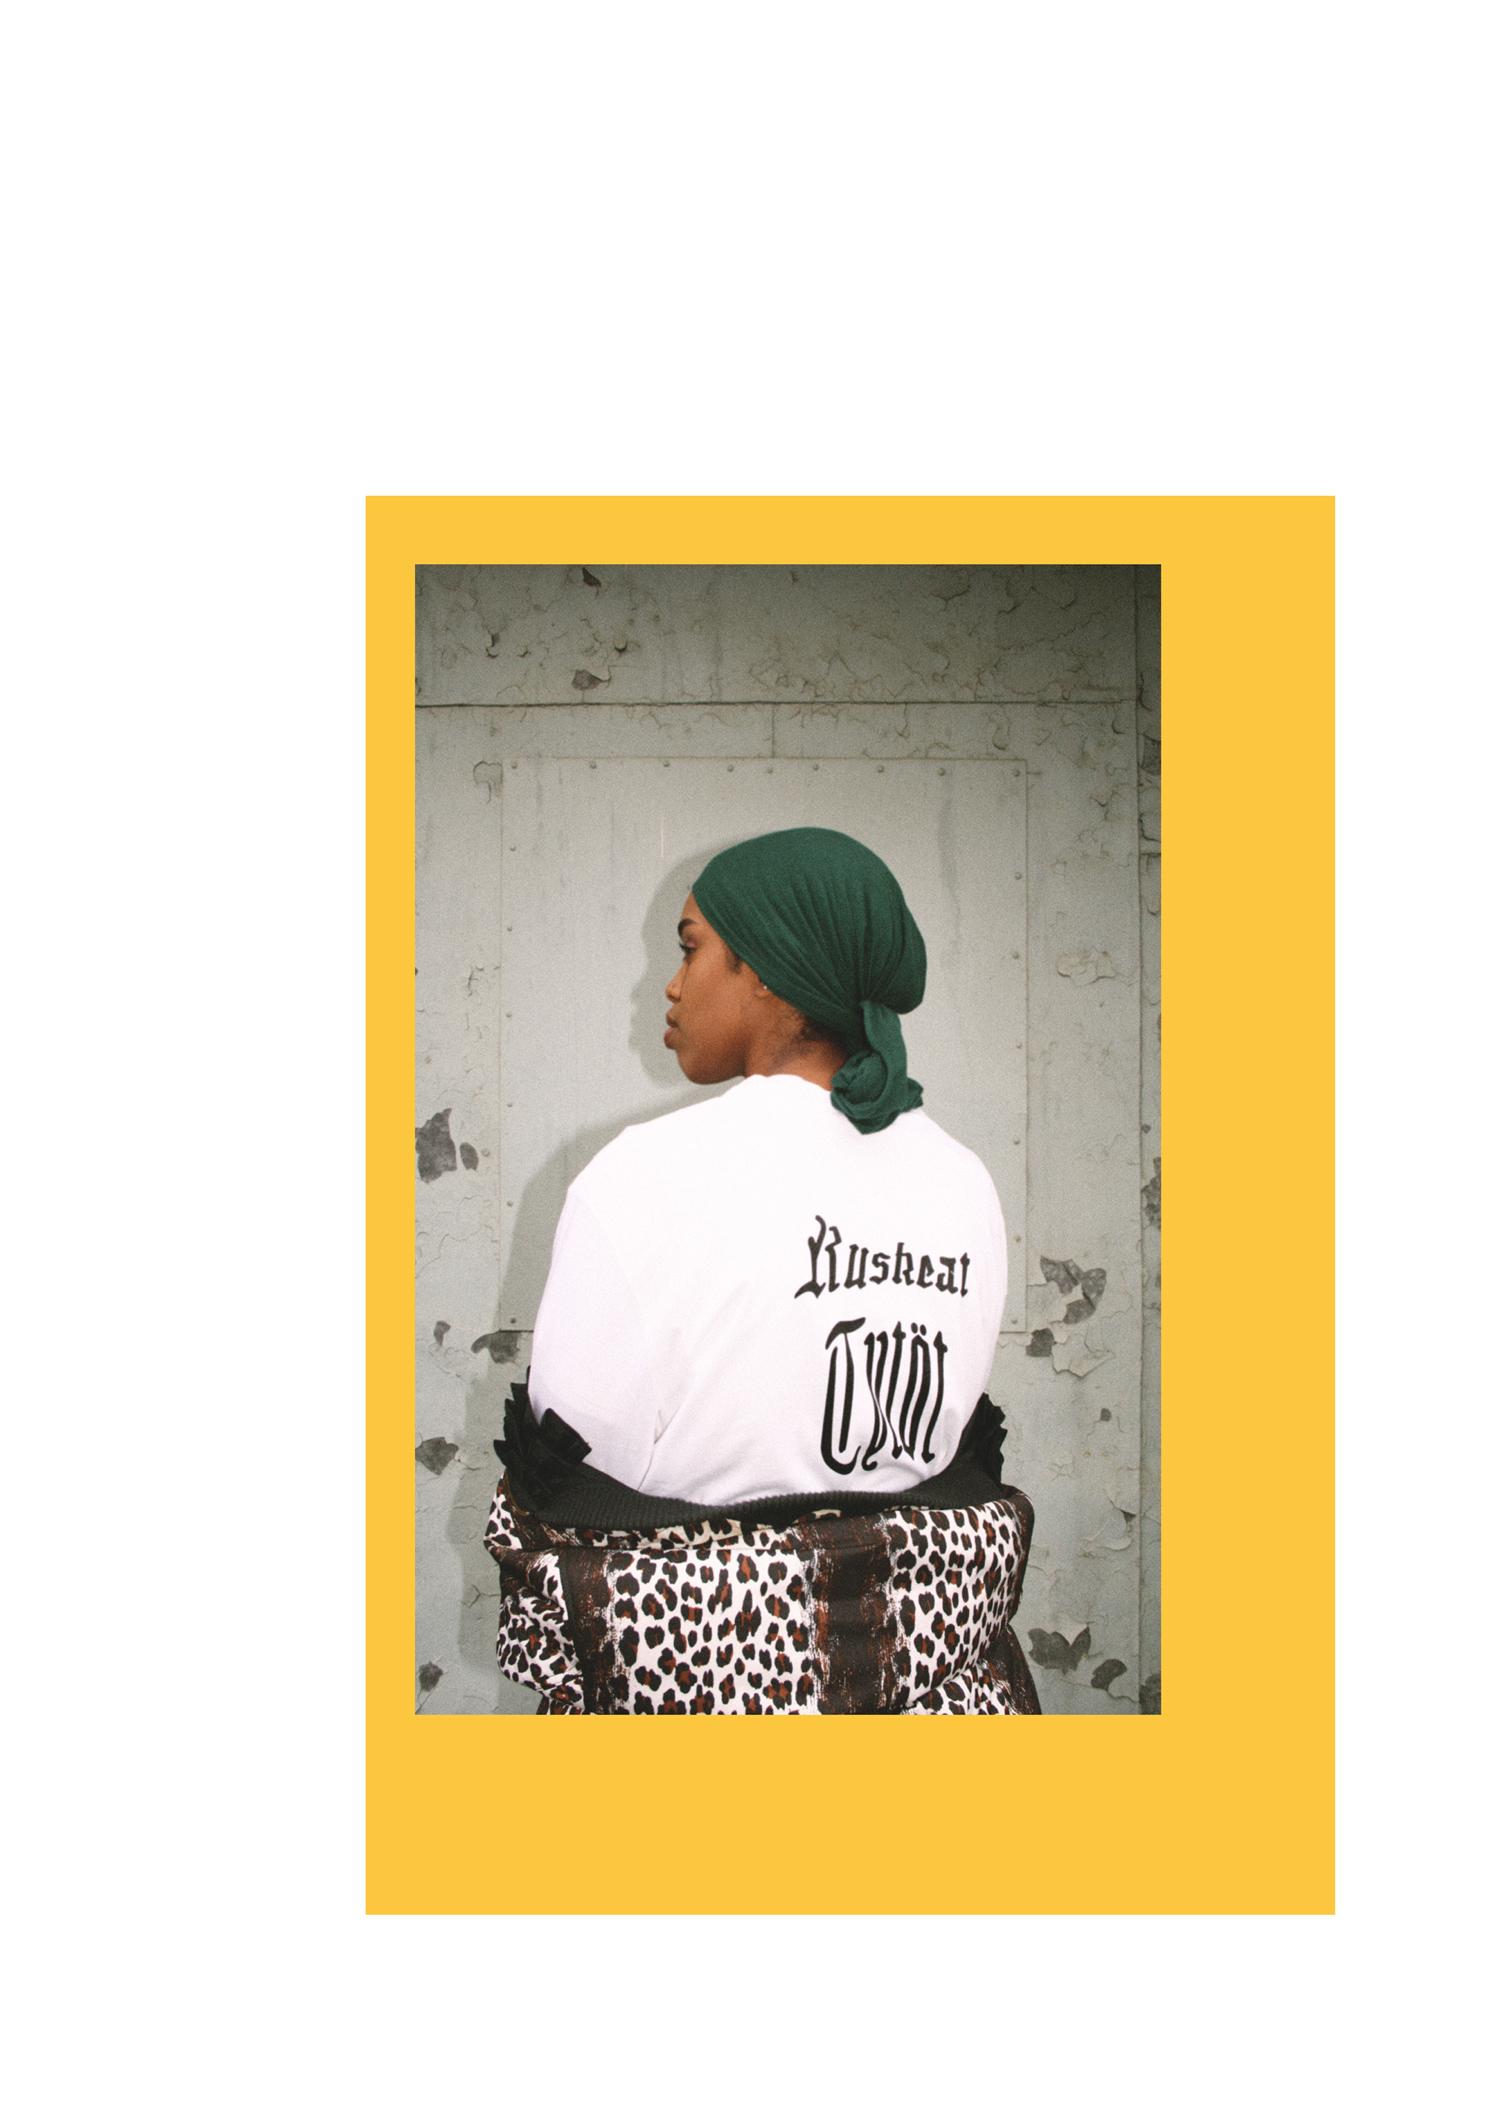 Ruskeat-Tytöt-Lookbook-6.jpg